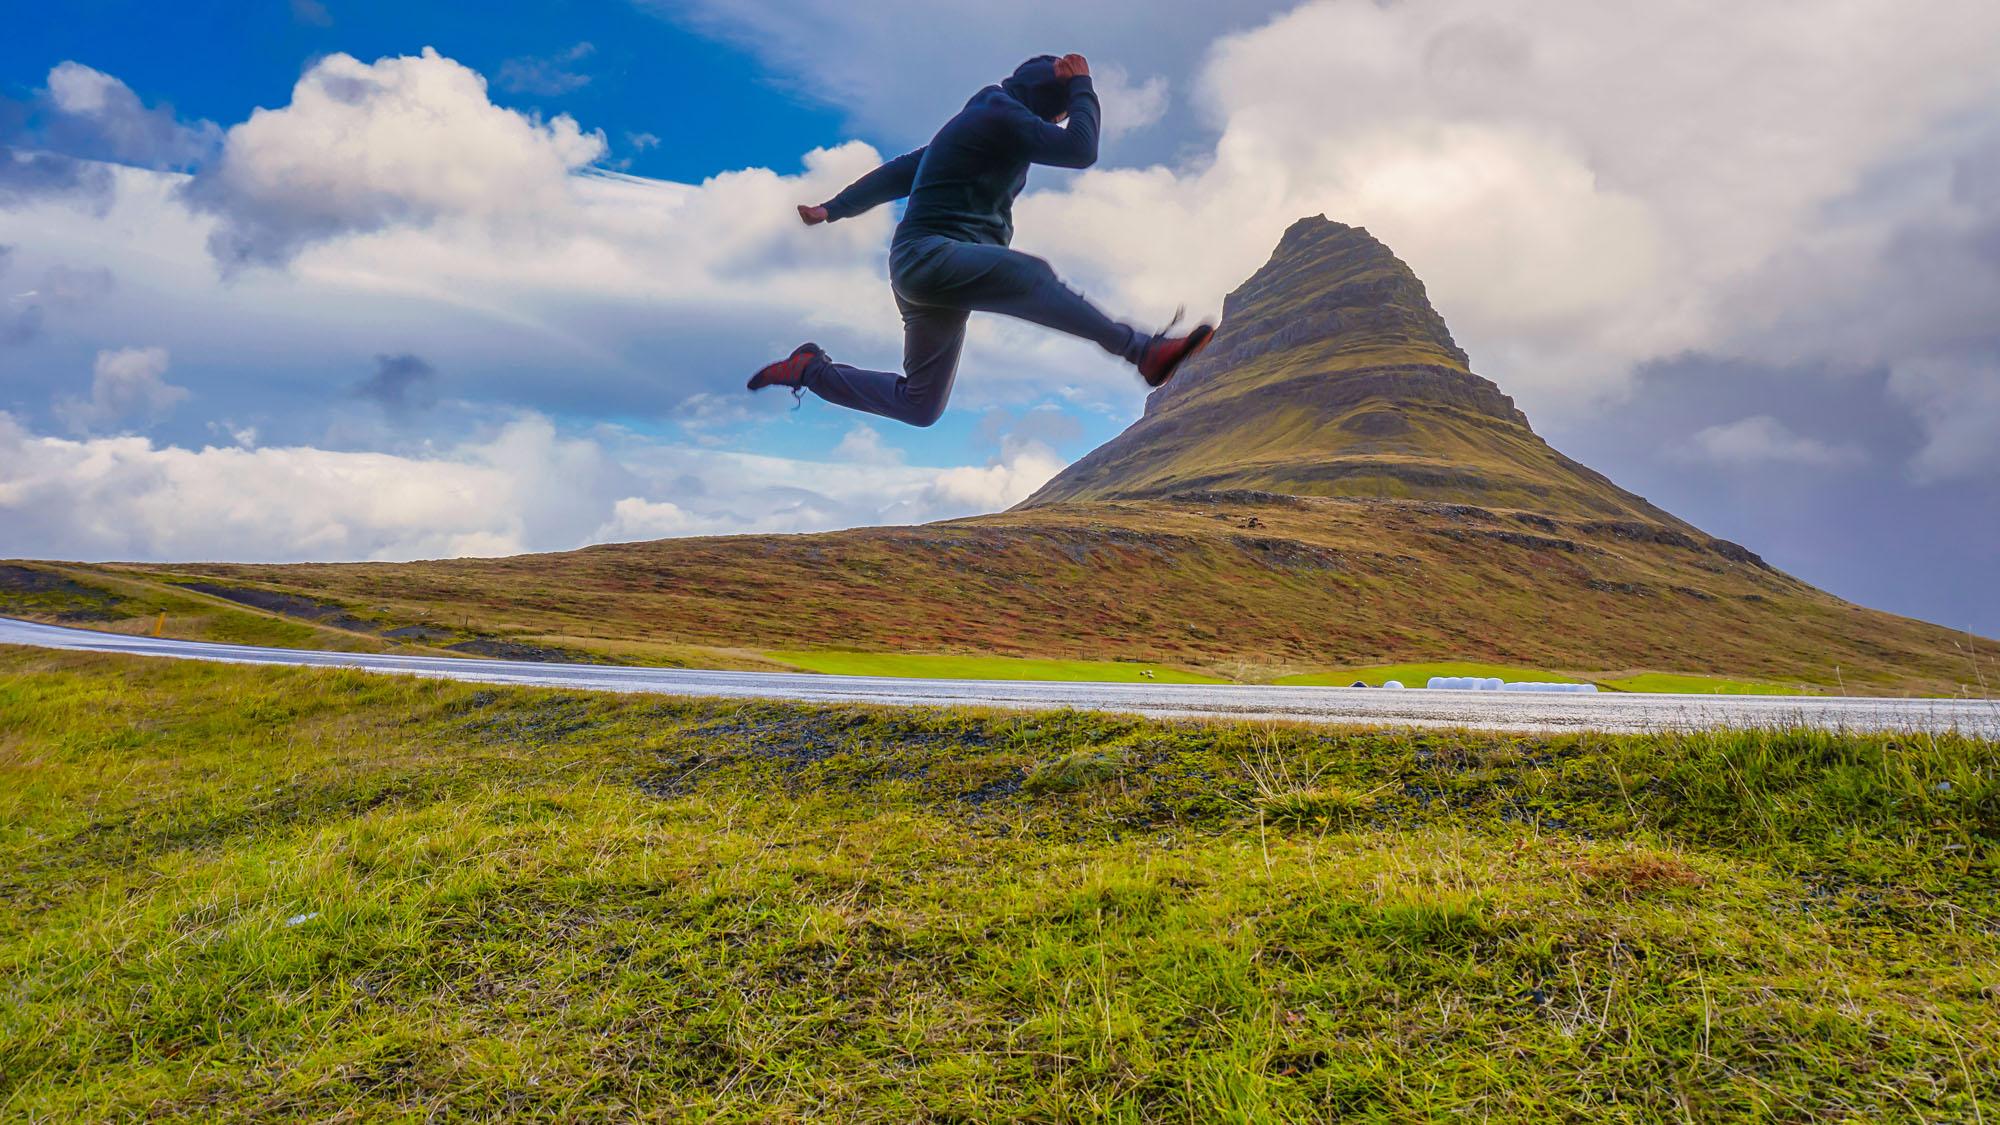 冰岛西部斯奈山半岛的教会山Kirkjufell也有草帽山的称呼